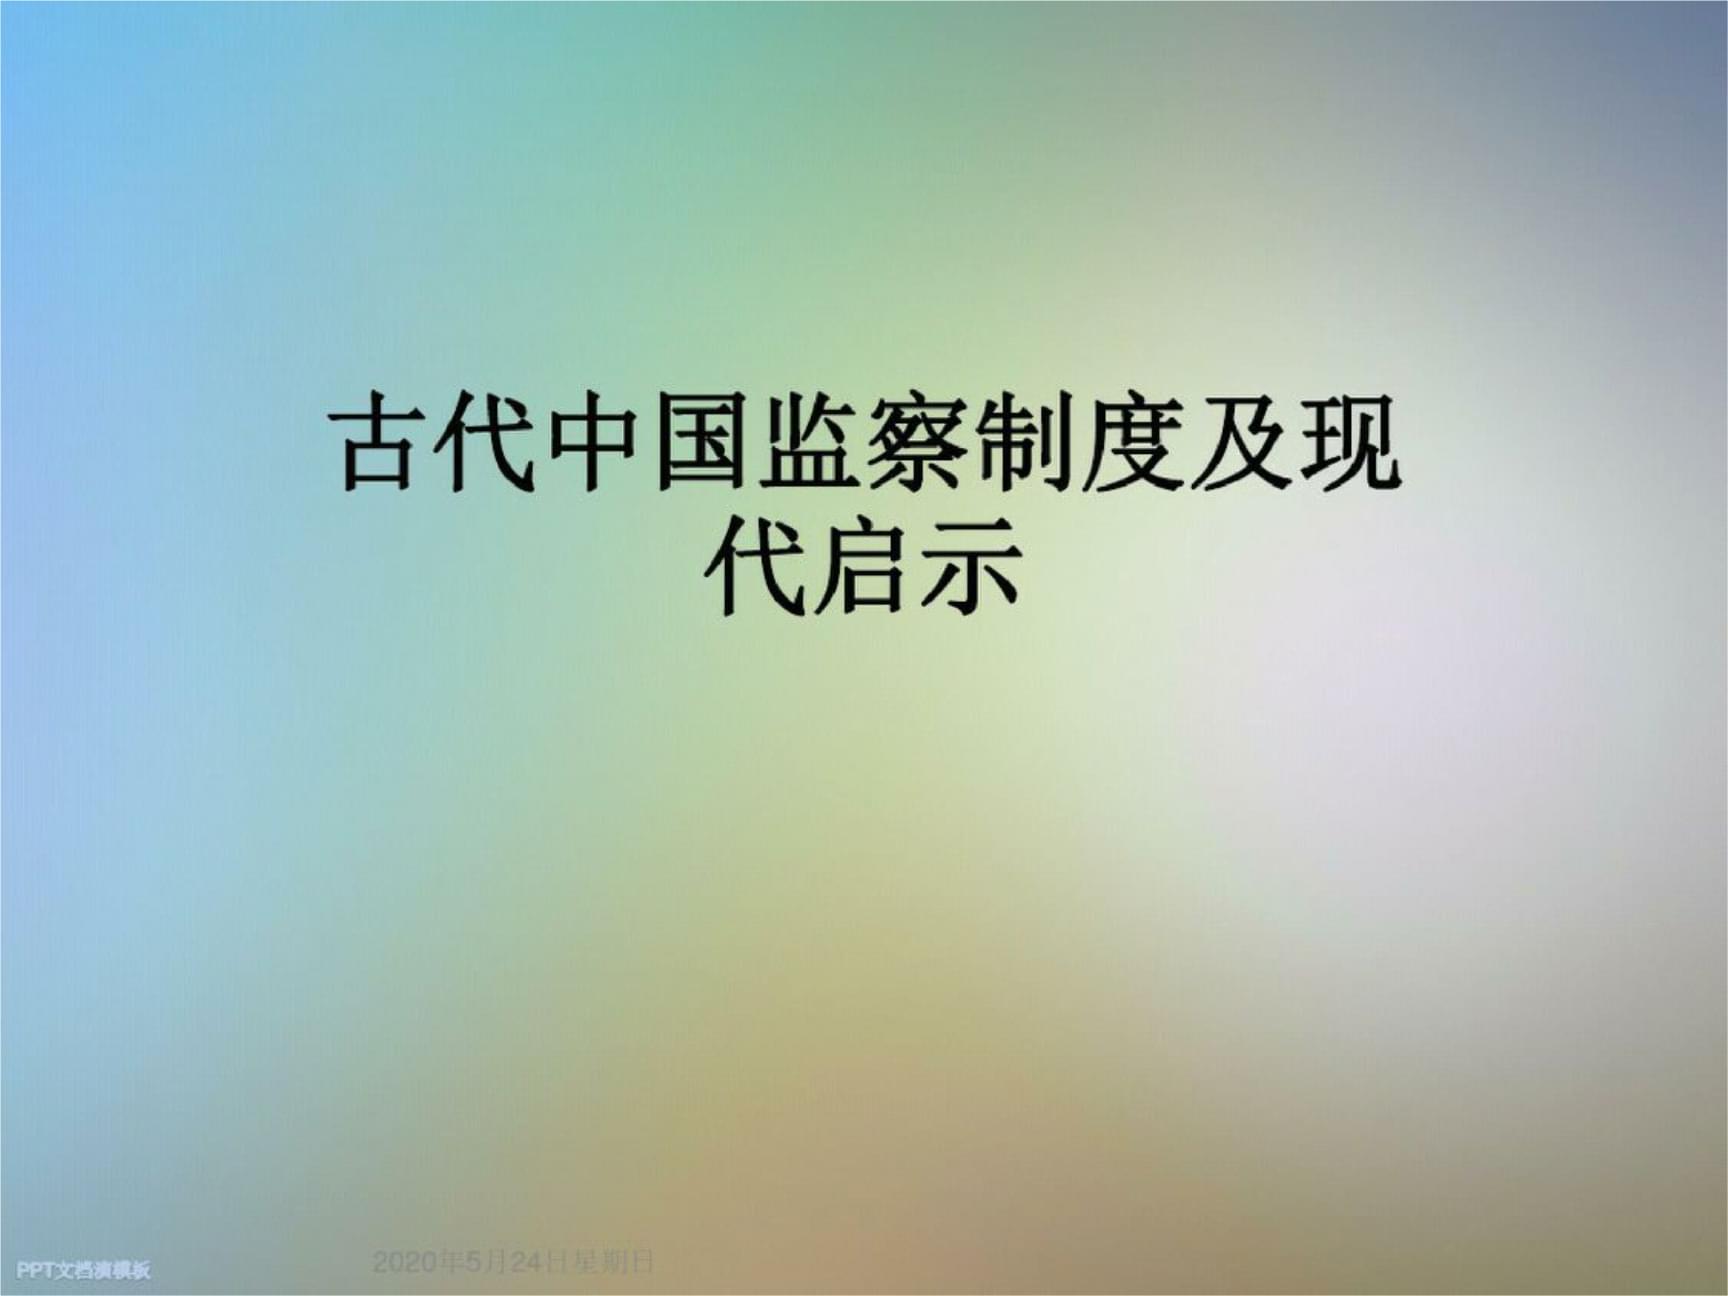 古代中国监察制度及现代启示-完整版.pptx